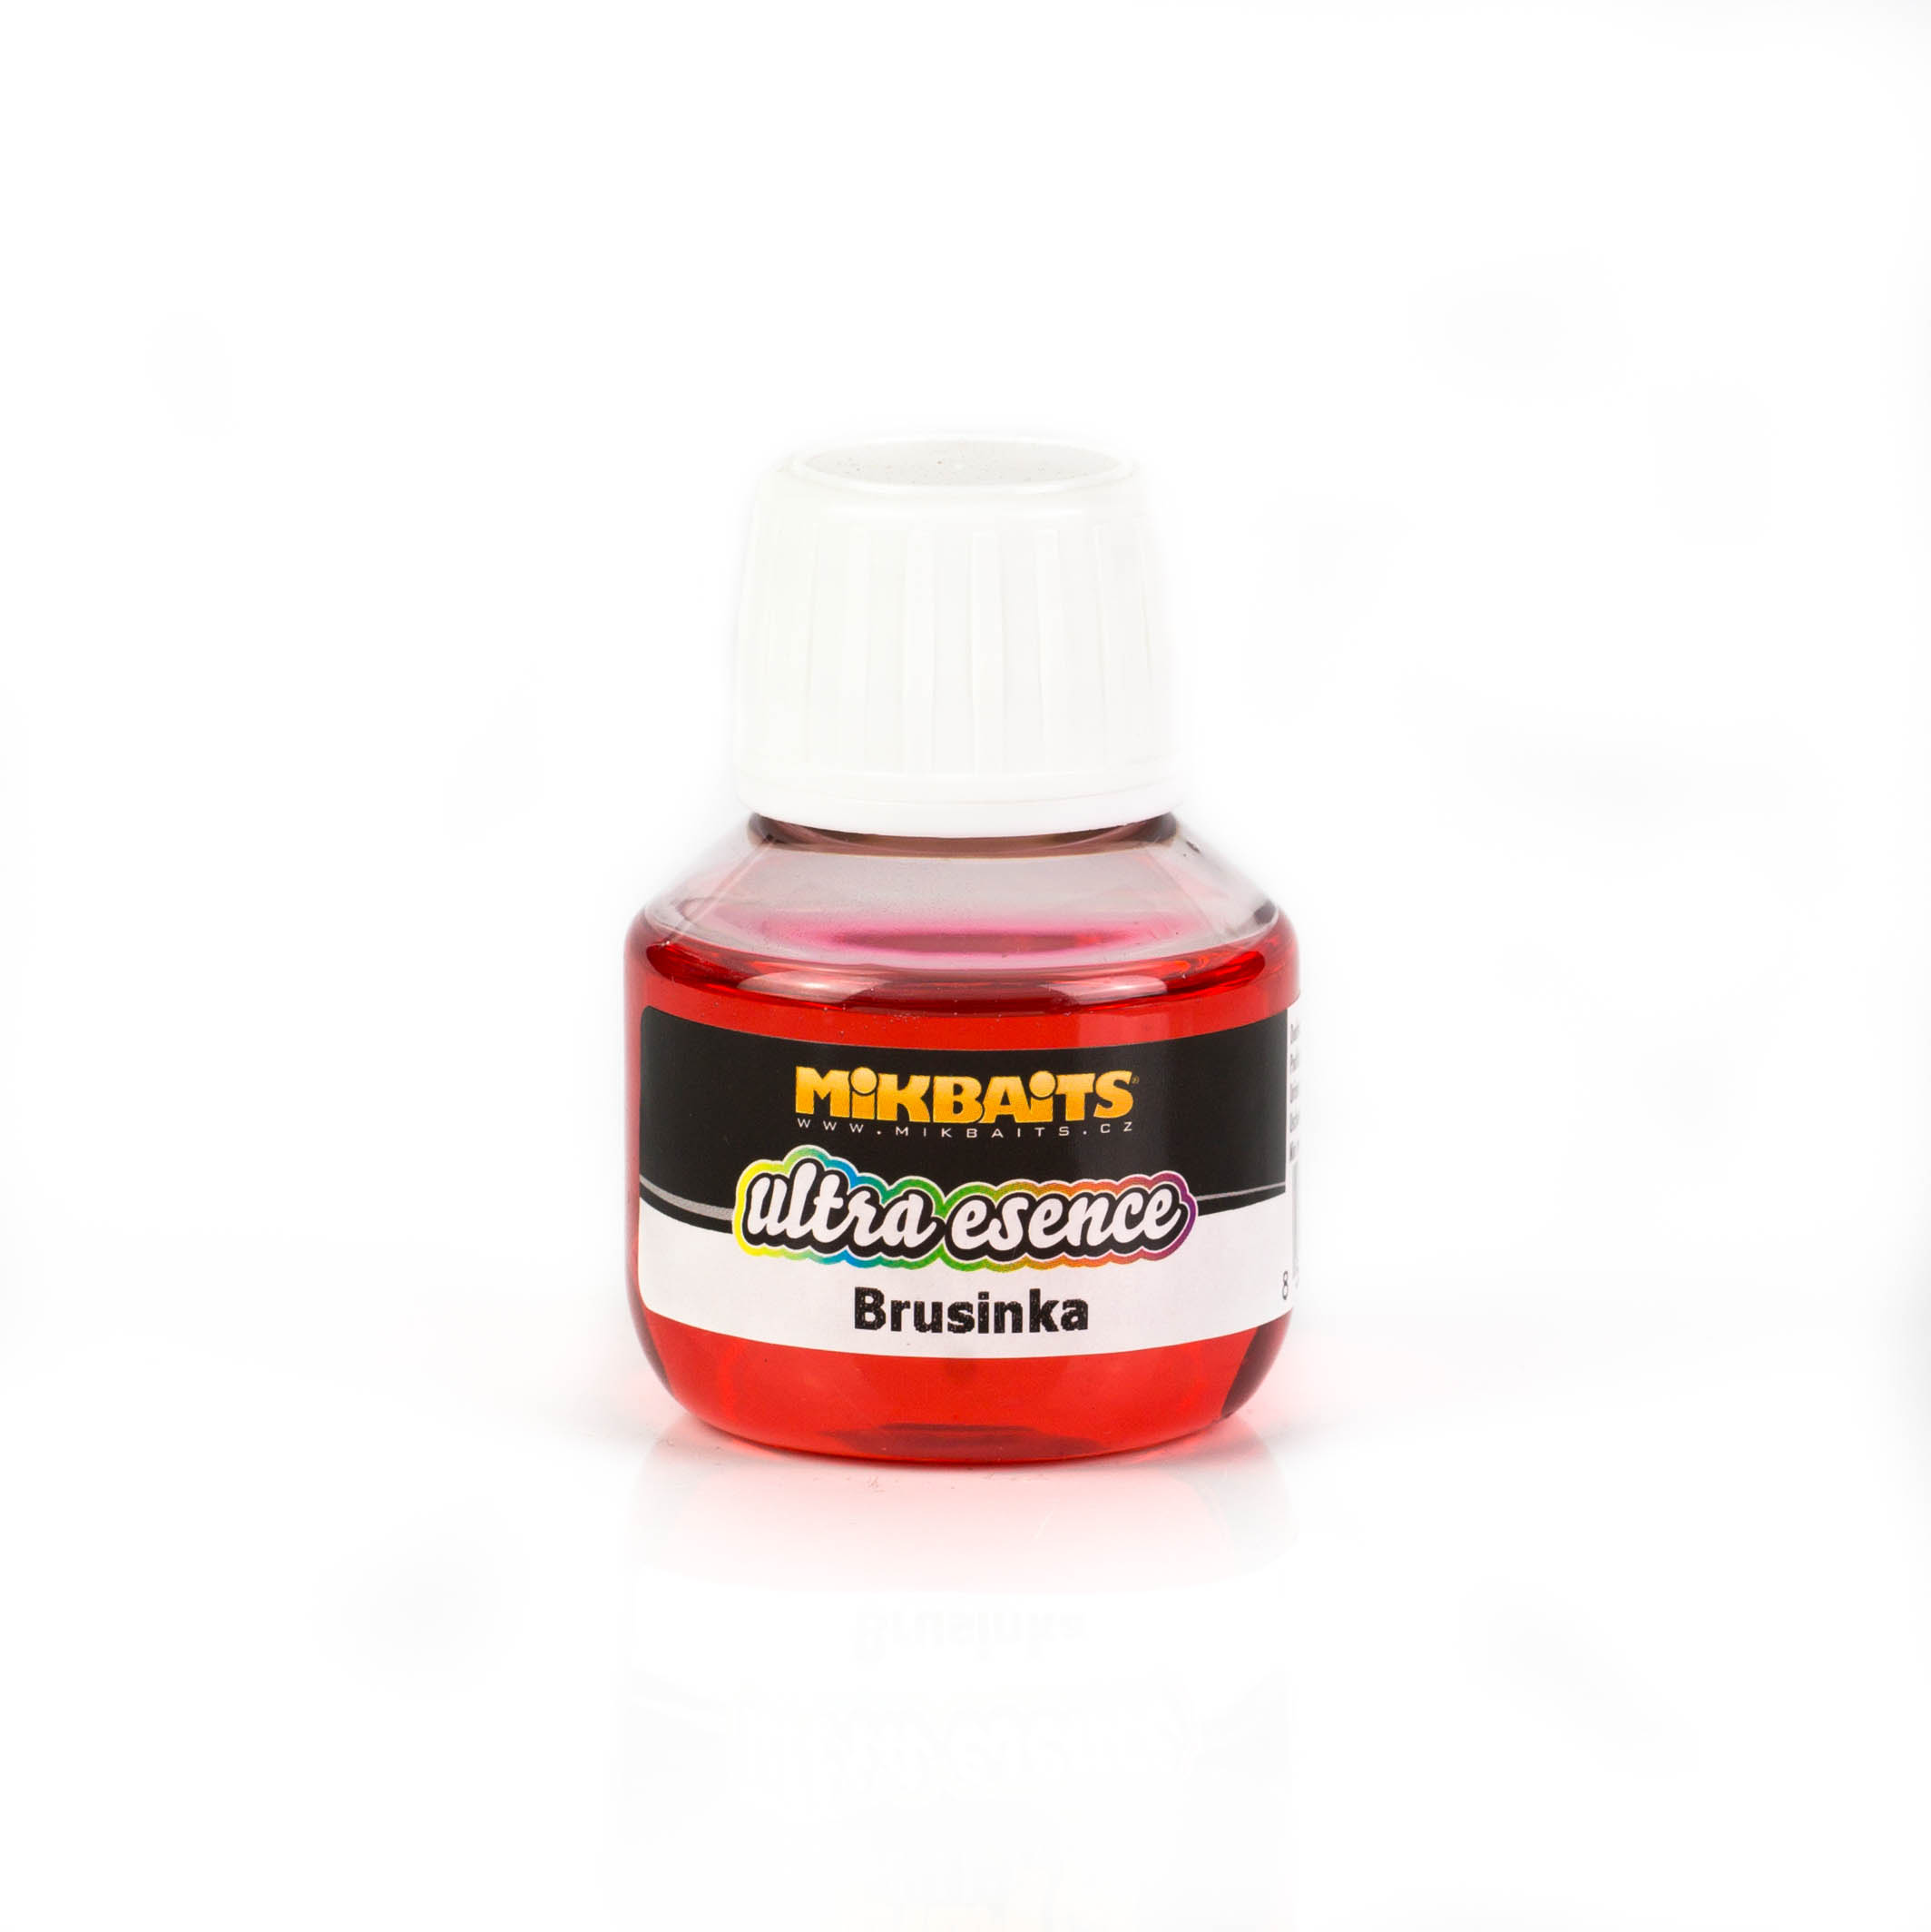 Ultra esence 50ml - Brusinka